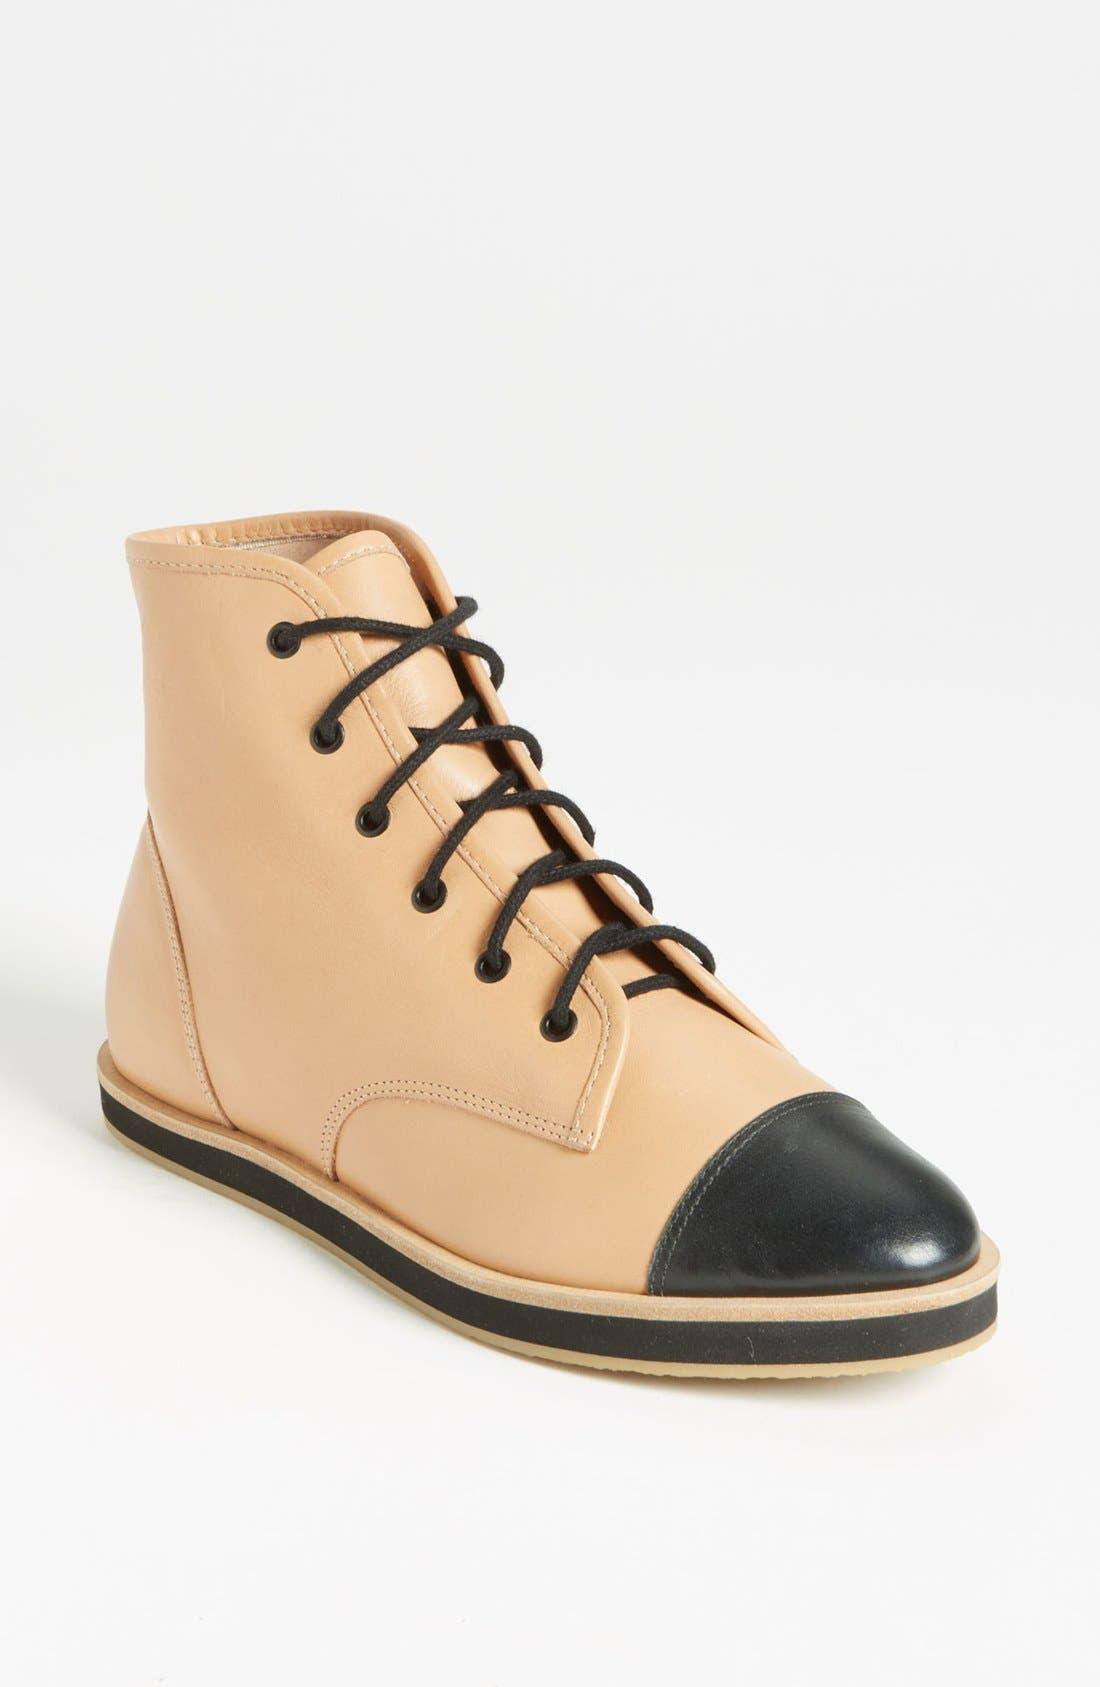 Alternate Image 1 Selected - Loeffler Randall 'Octavia' Boot (Online Only)